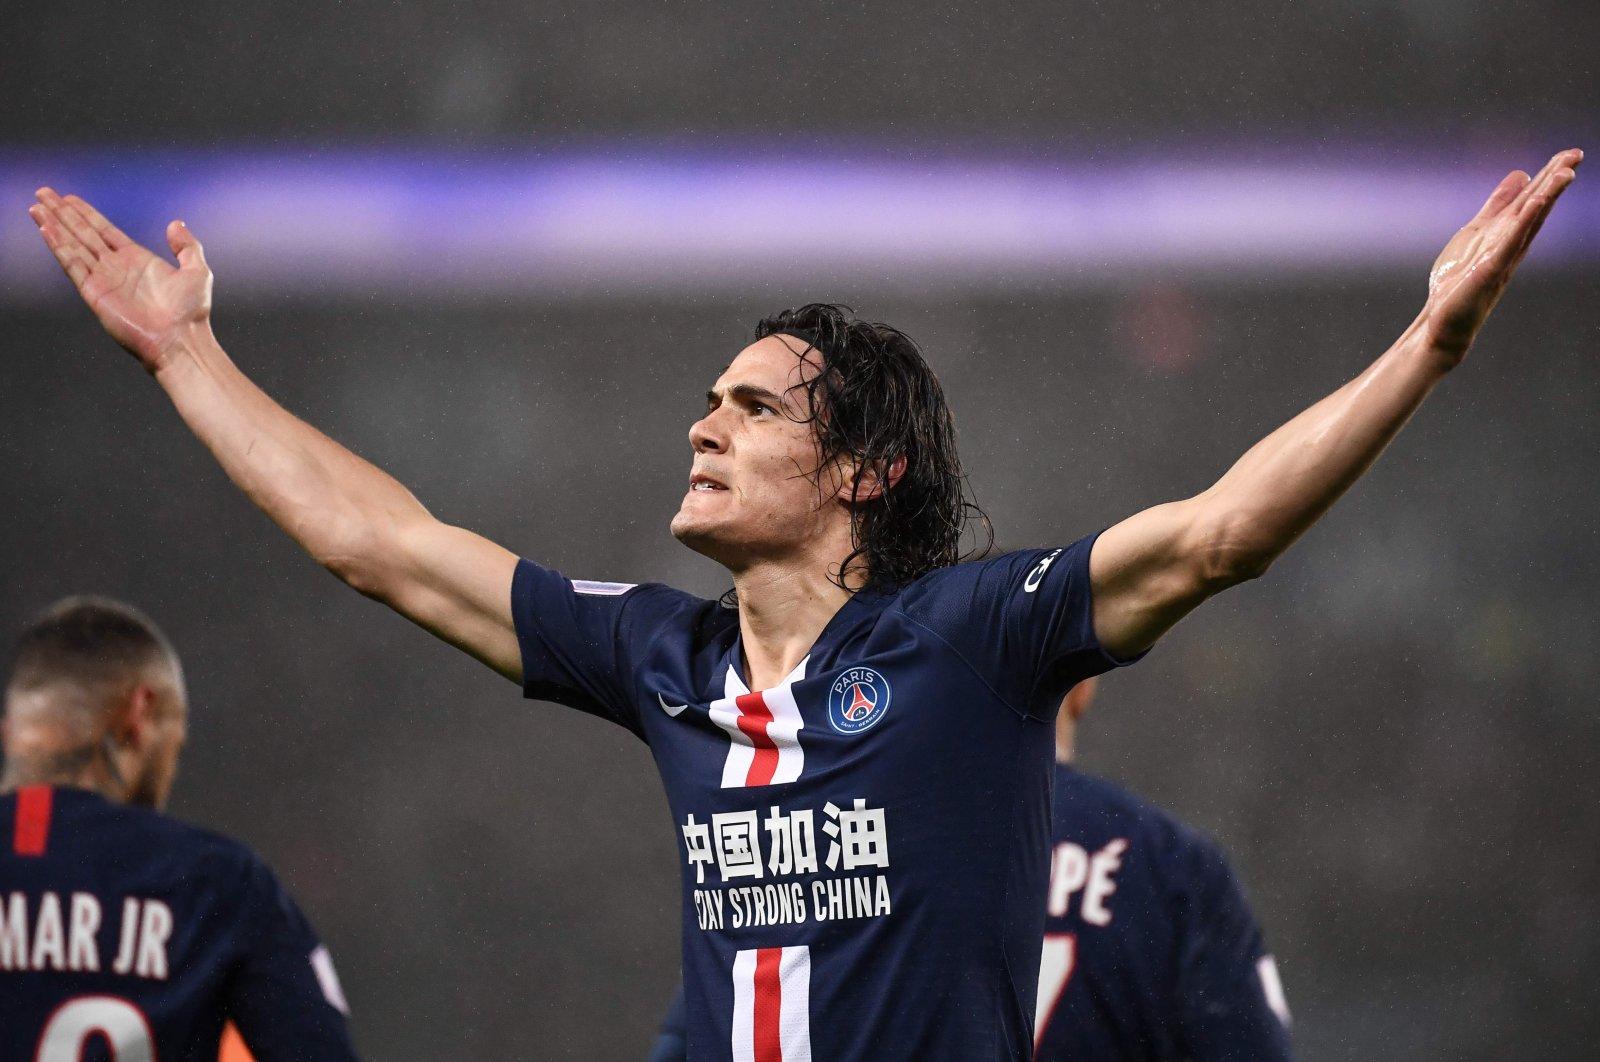 Edinson Cavani reacts after scoring a goal against Girondins de Bordeaux, in Paris, France, Feb. 23, 2020. (AFP Photo)